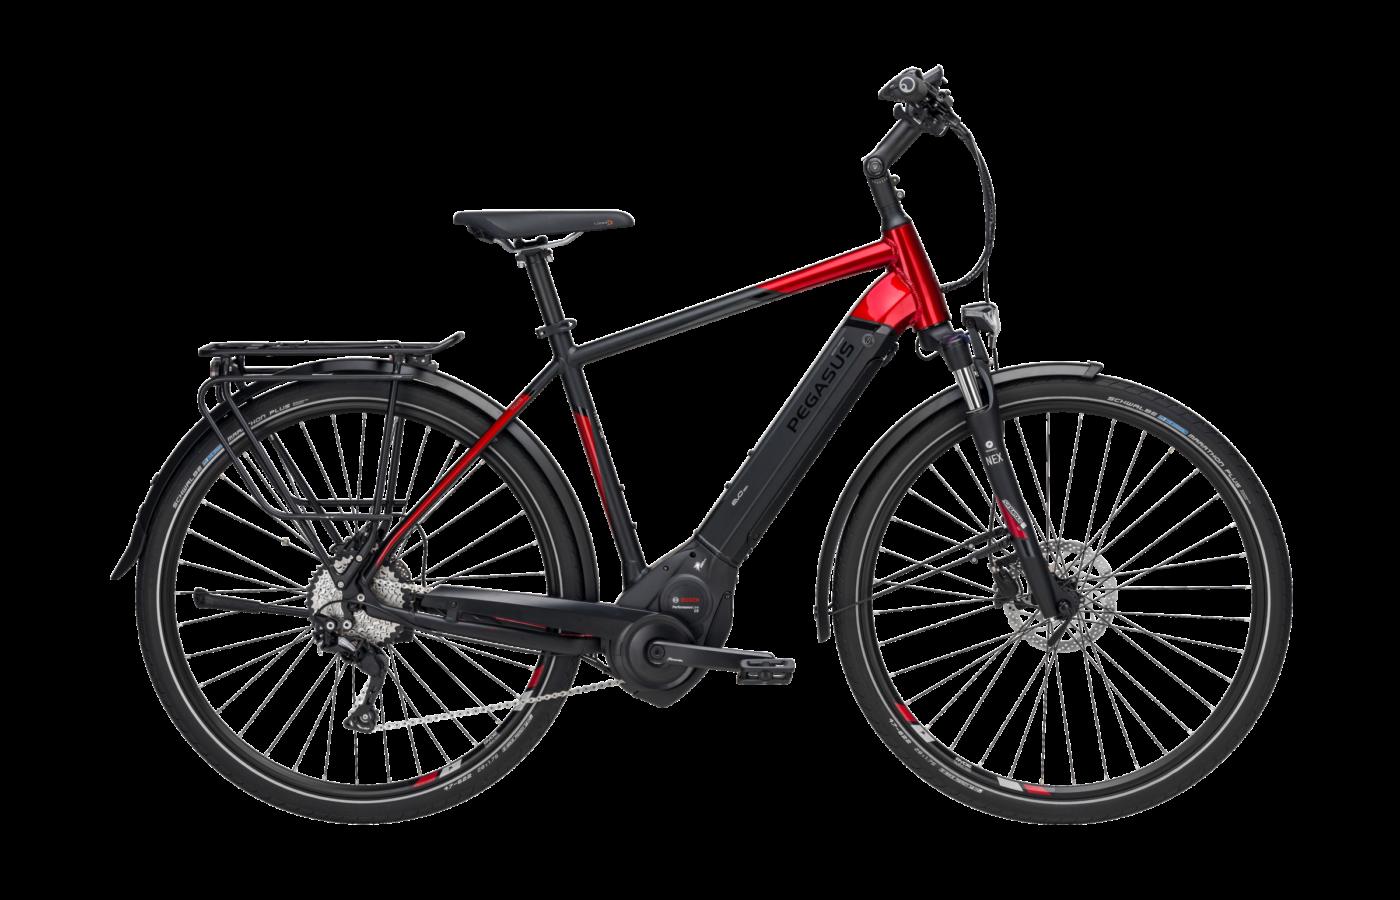 53e1d823d8 Pegasus Premio Evo 10 elektromos kerékpár - Ambringa pedelec webshop